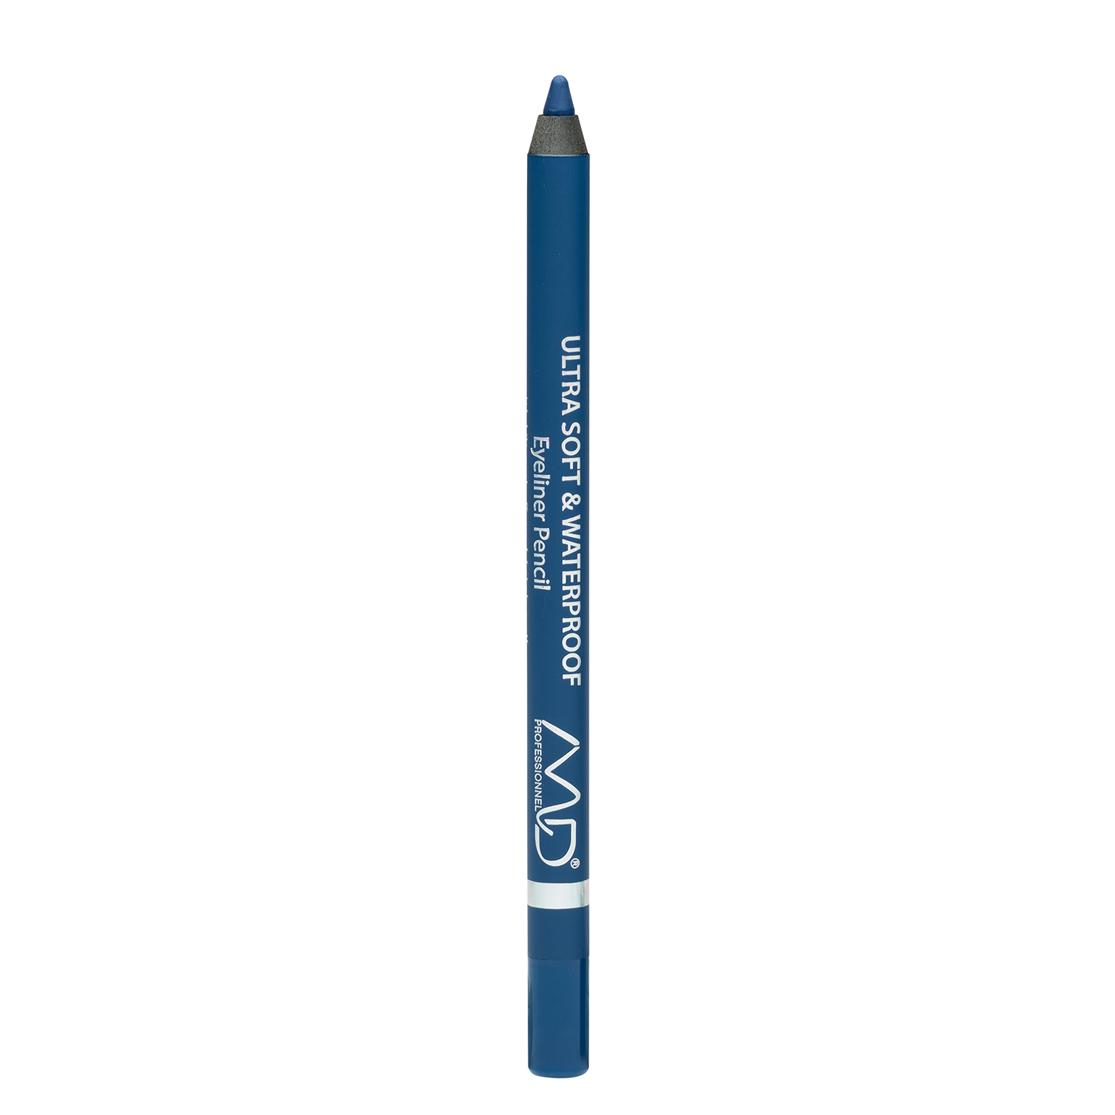 Ultra Soft & Waterproof Eye Pencils